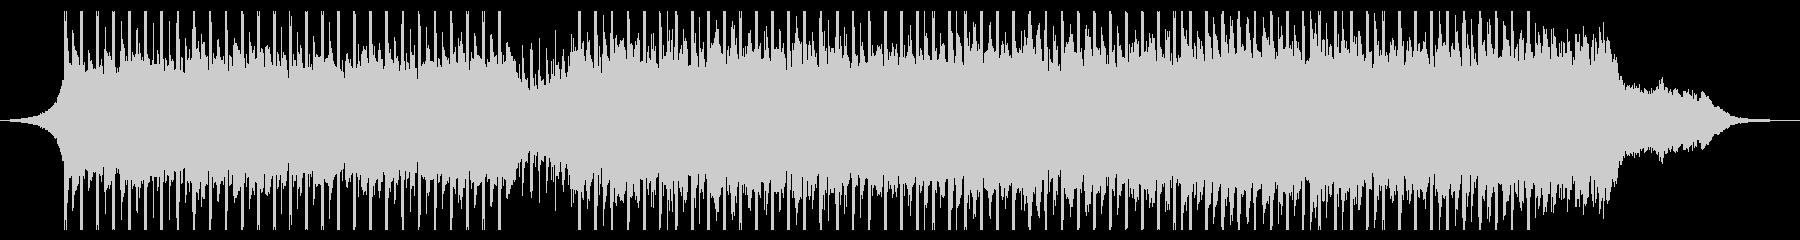 アチーブメント(60秒)の未再生の波形